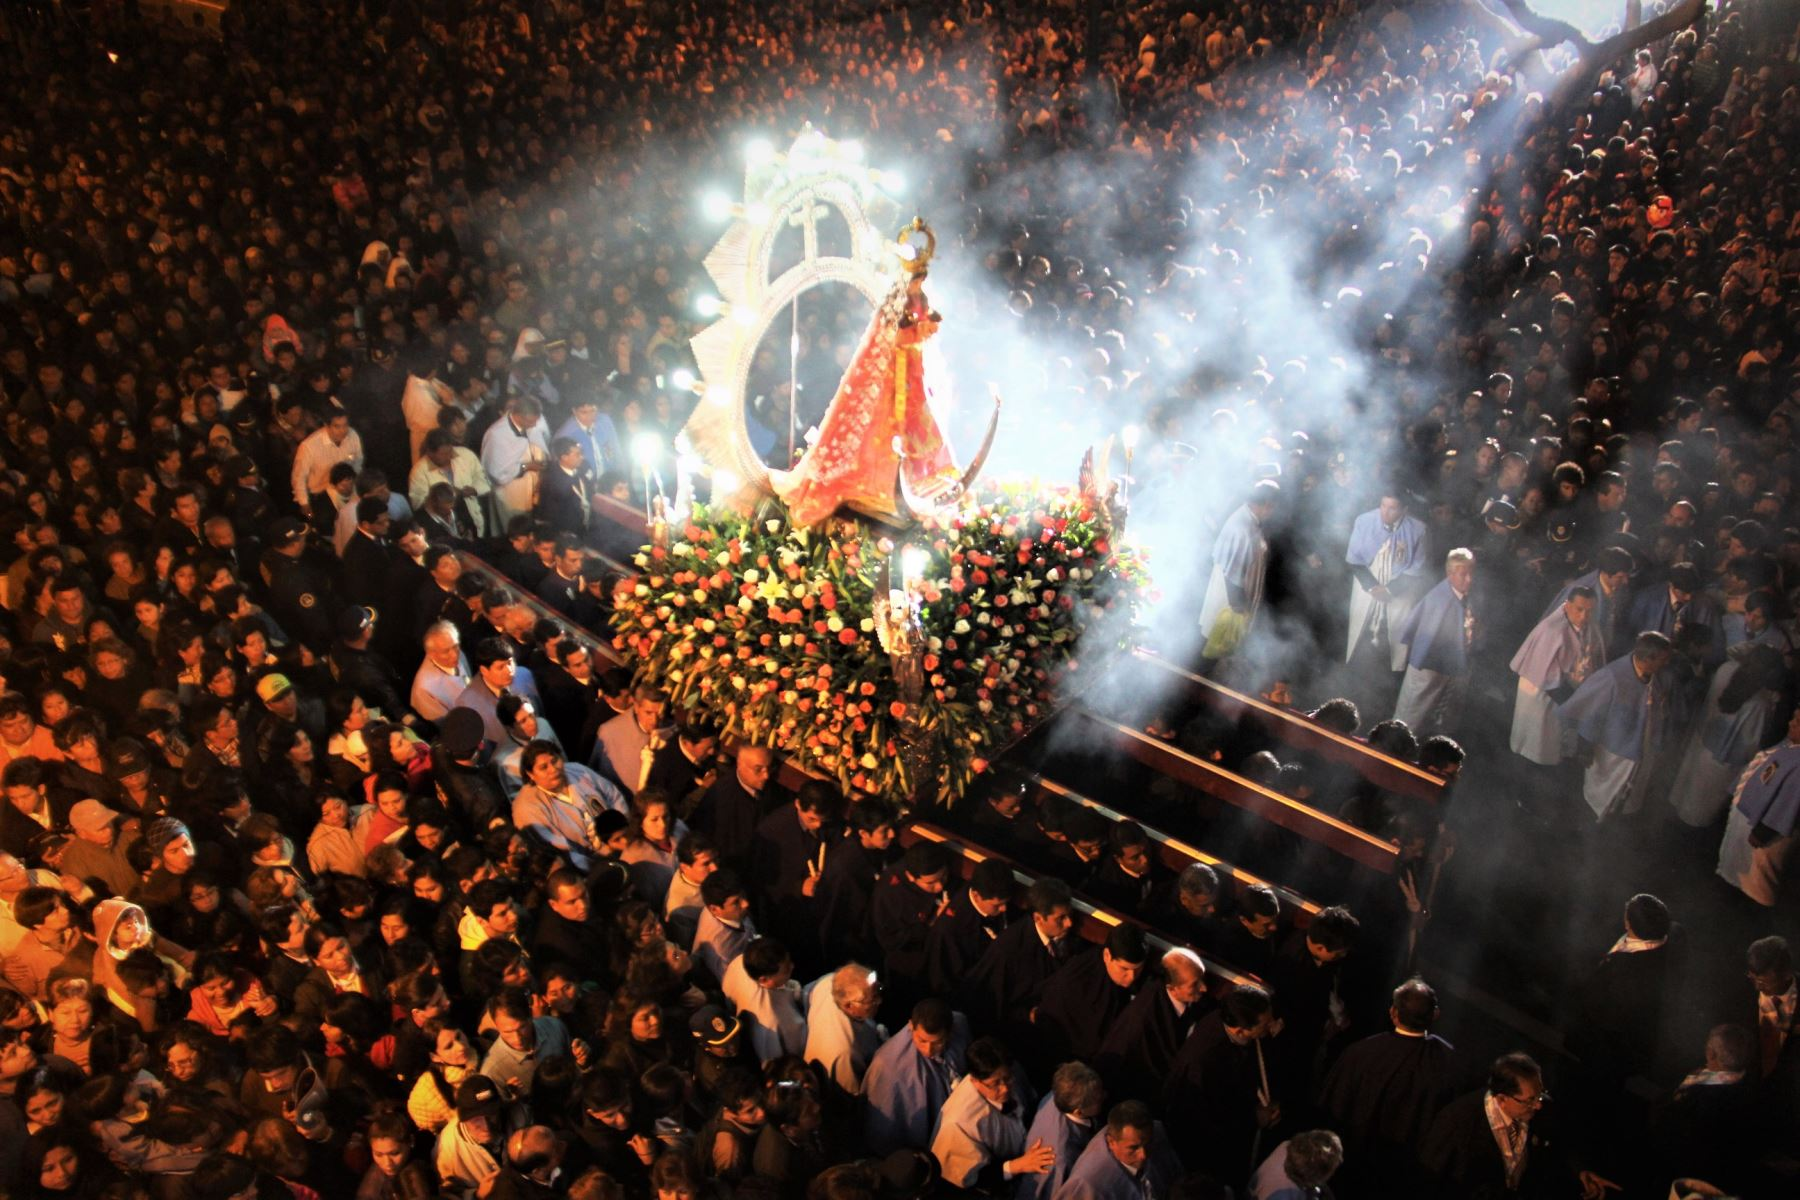 La imagen de la Virgen de la Puerta de Otuzco recibió la Coronación Pontificia por el papa Pio XII el 27 de octubre de 1943, en el marco de la celebración del Tercer Congreso Eucarístico Nacional.